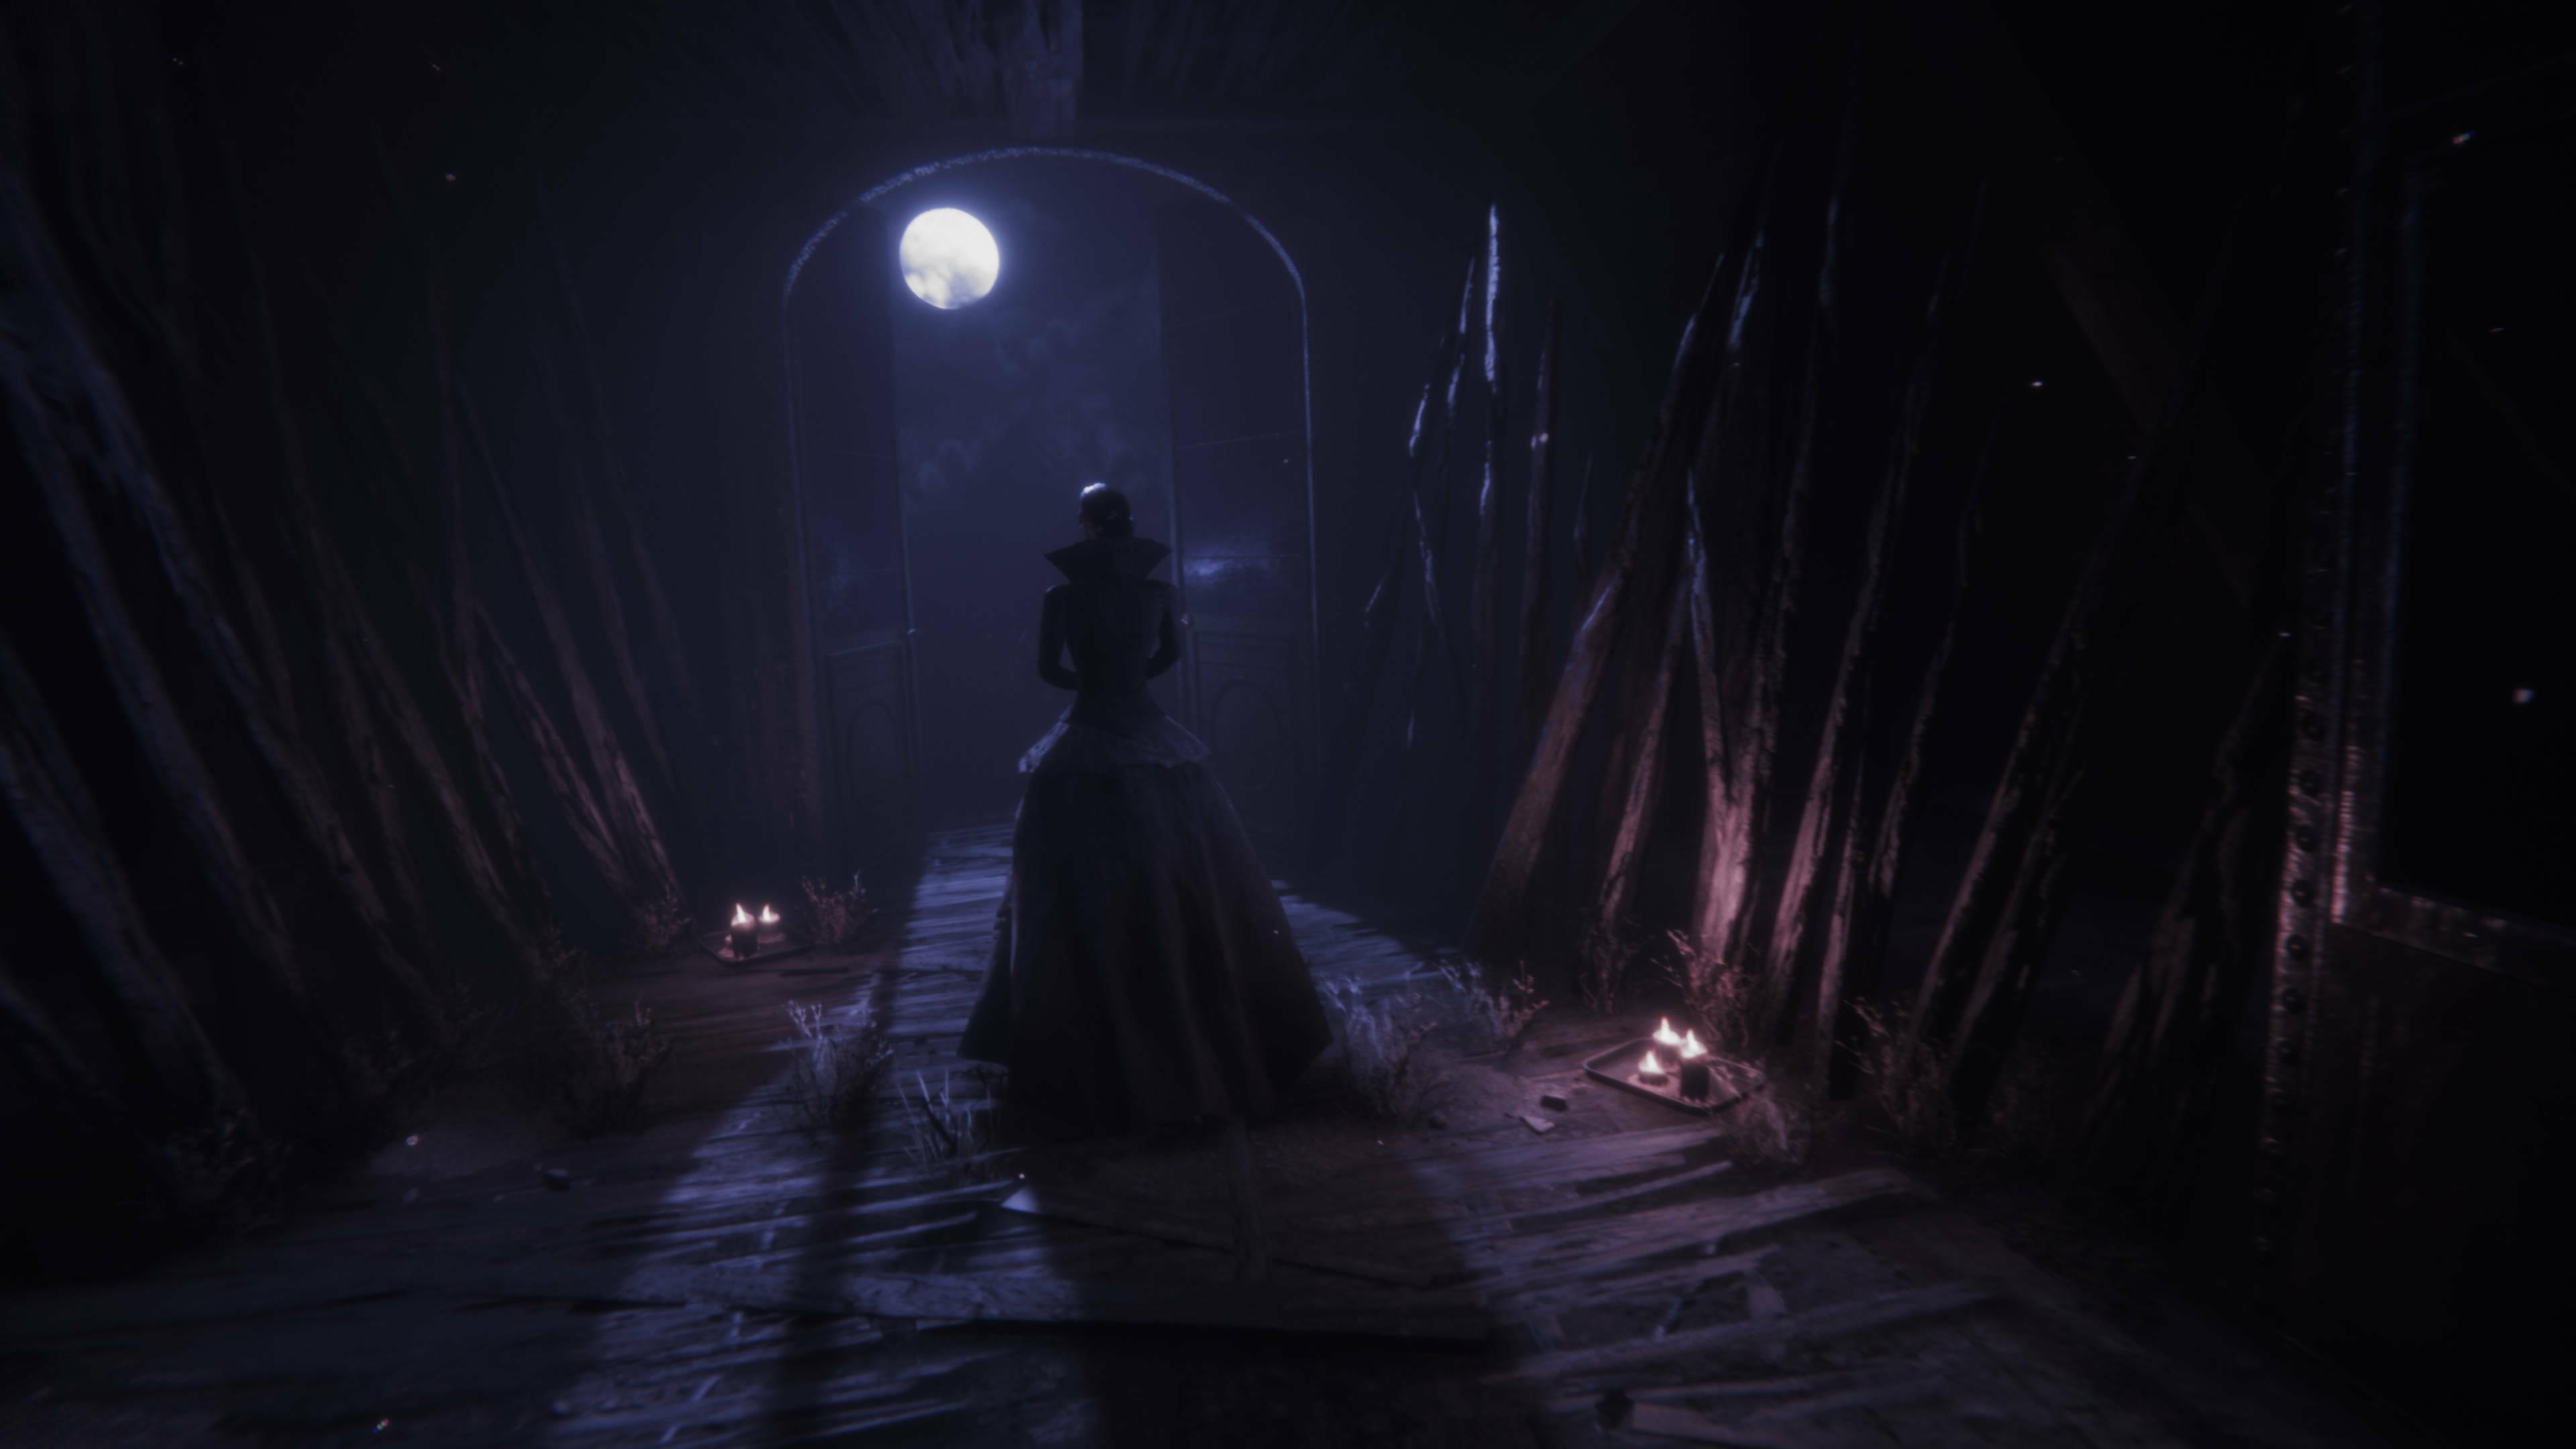 Maid of Sker screenshot 1